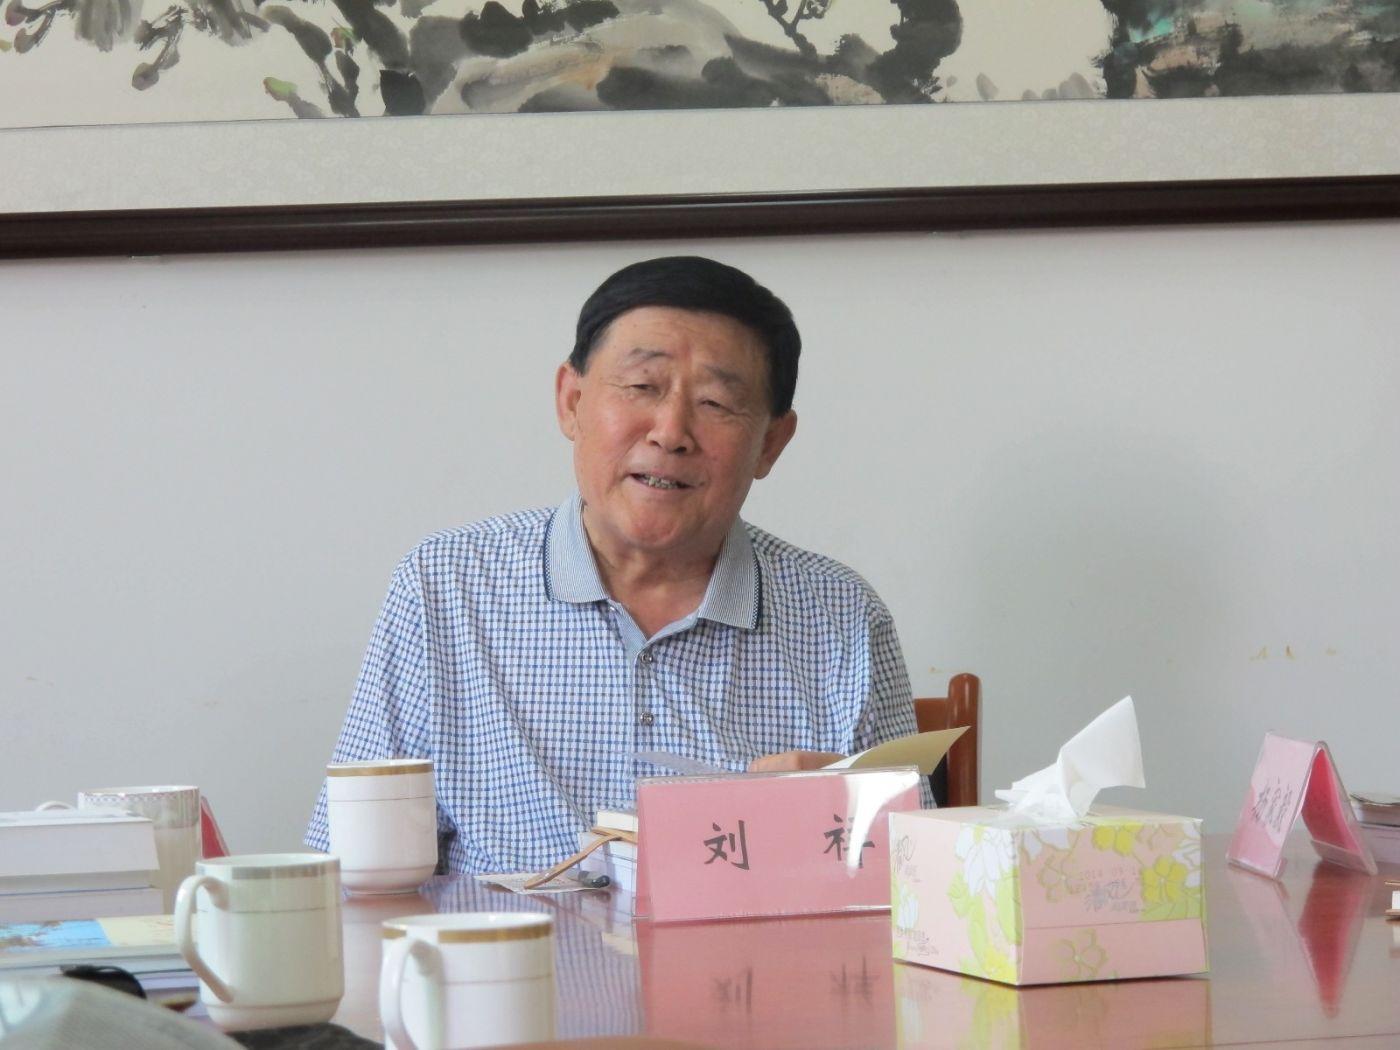 刘祥先生扶我走上文学路/刘维嘉_图1-1